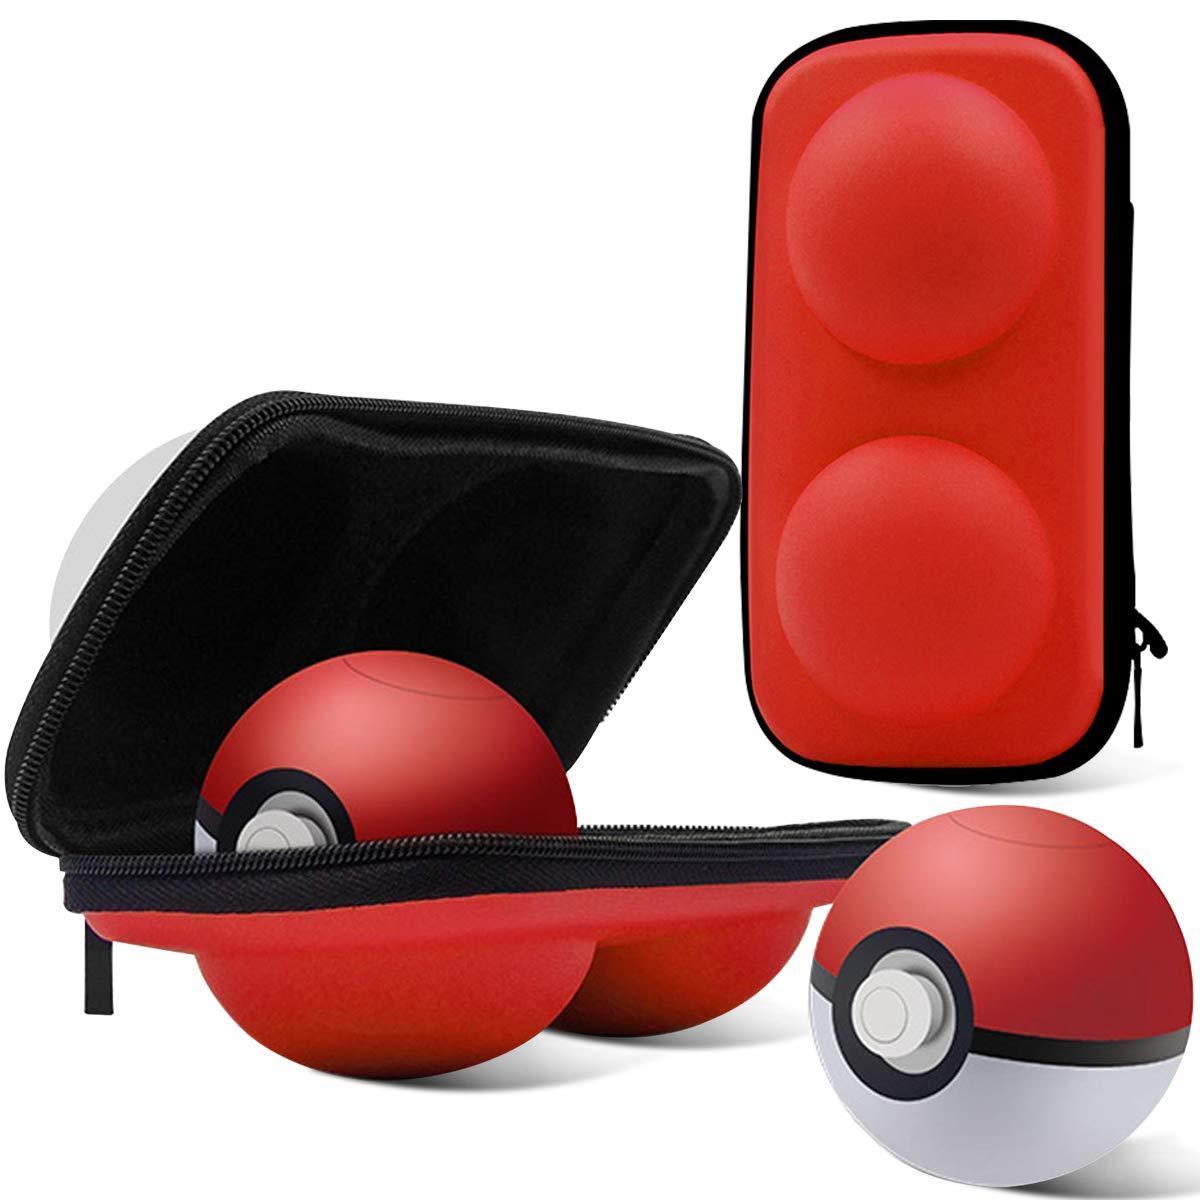 Haobuy Estuche Pokeball Plus,Compatible Controlador Poké Pokeball para Pokémon, portátil Lets Go Pikachu Eevee Juego Bolsa de Viaje Pokeball Bolsa ...